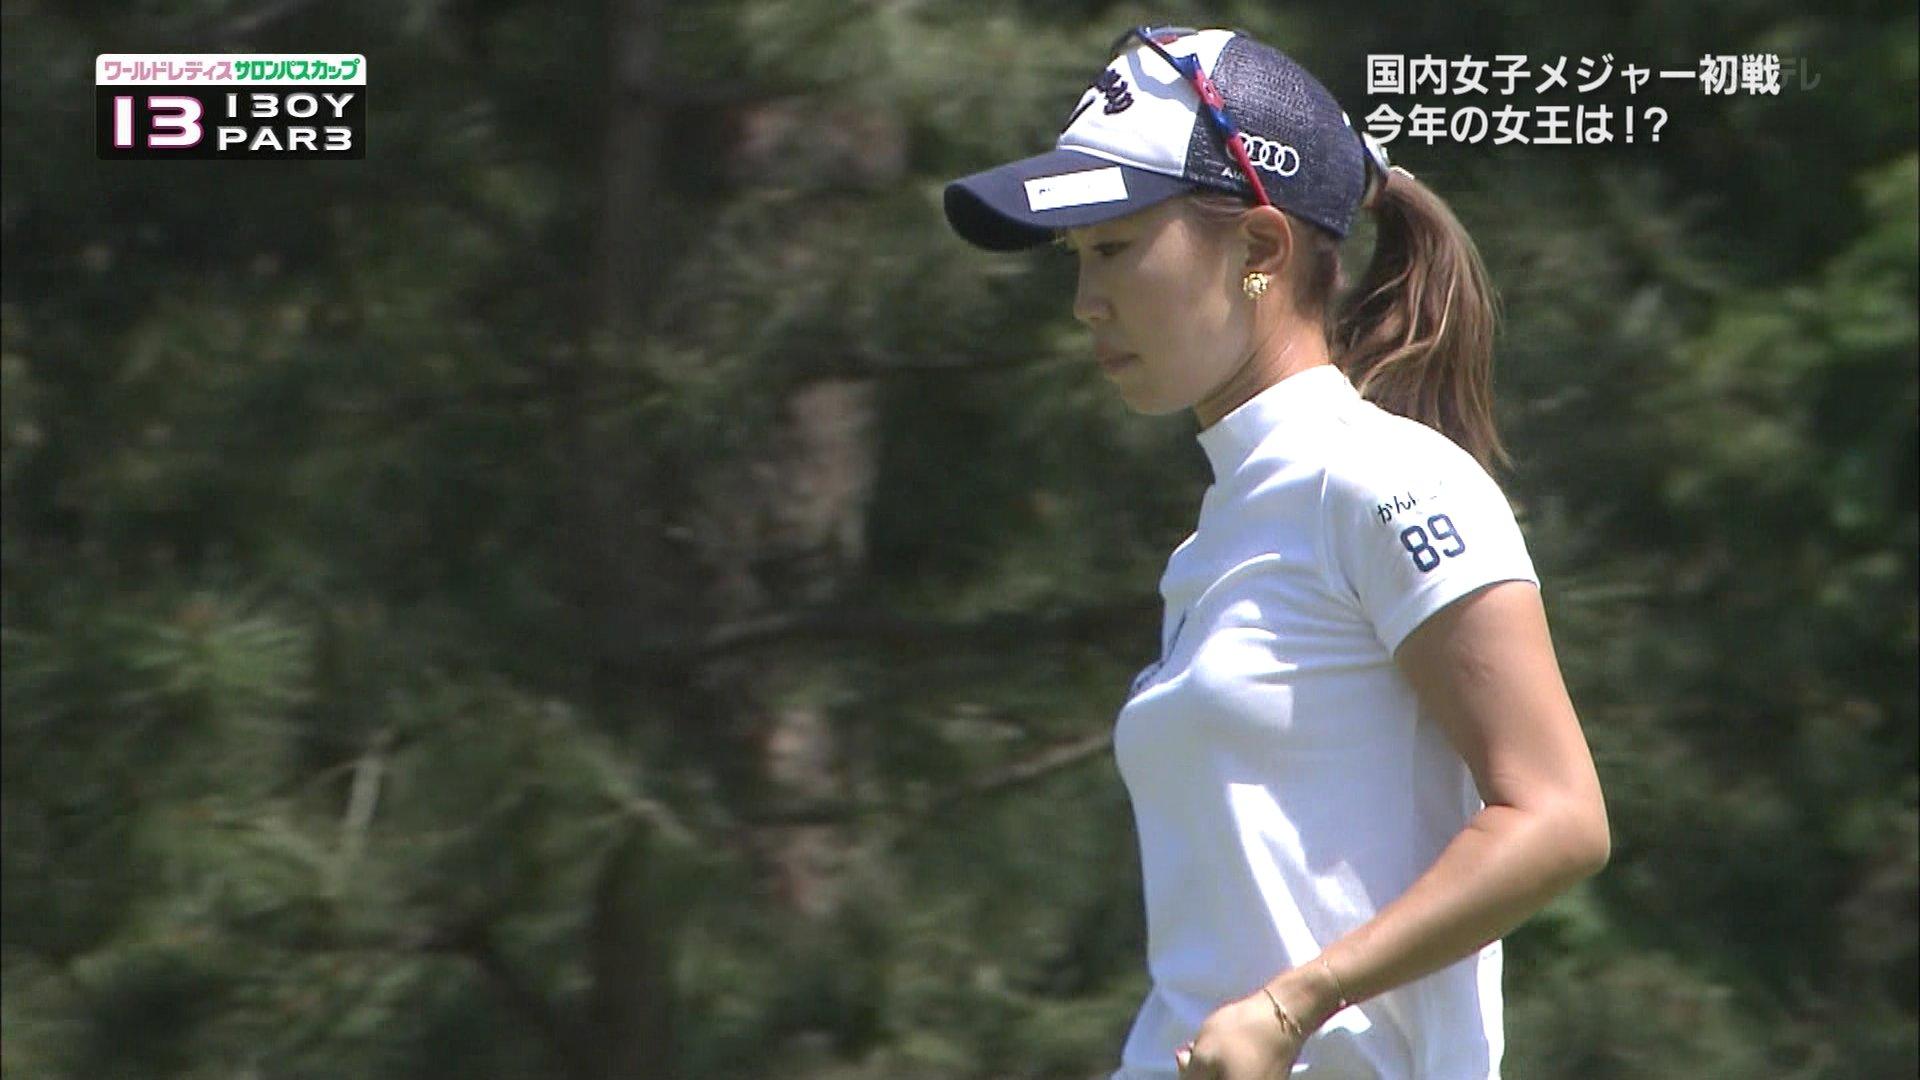 上田桃子 ワールドレディース サロンパスカップ 0011